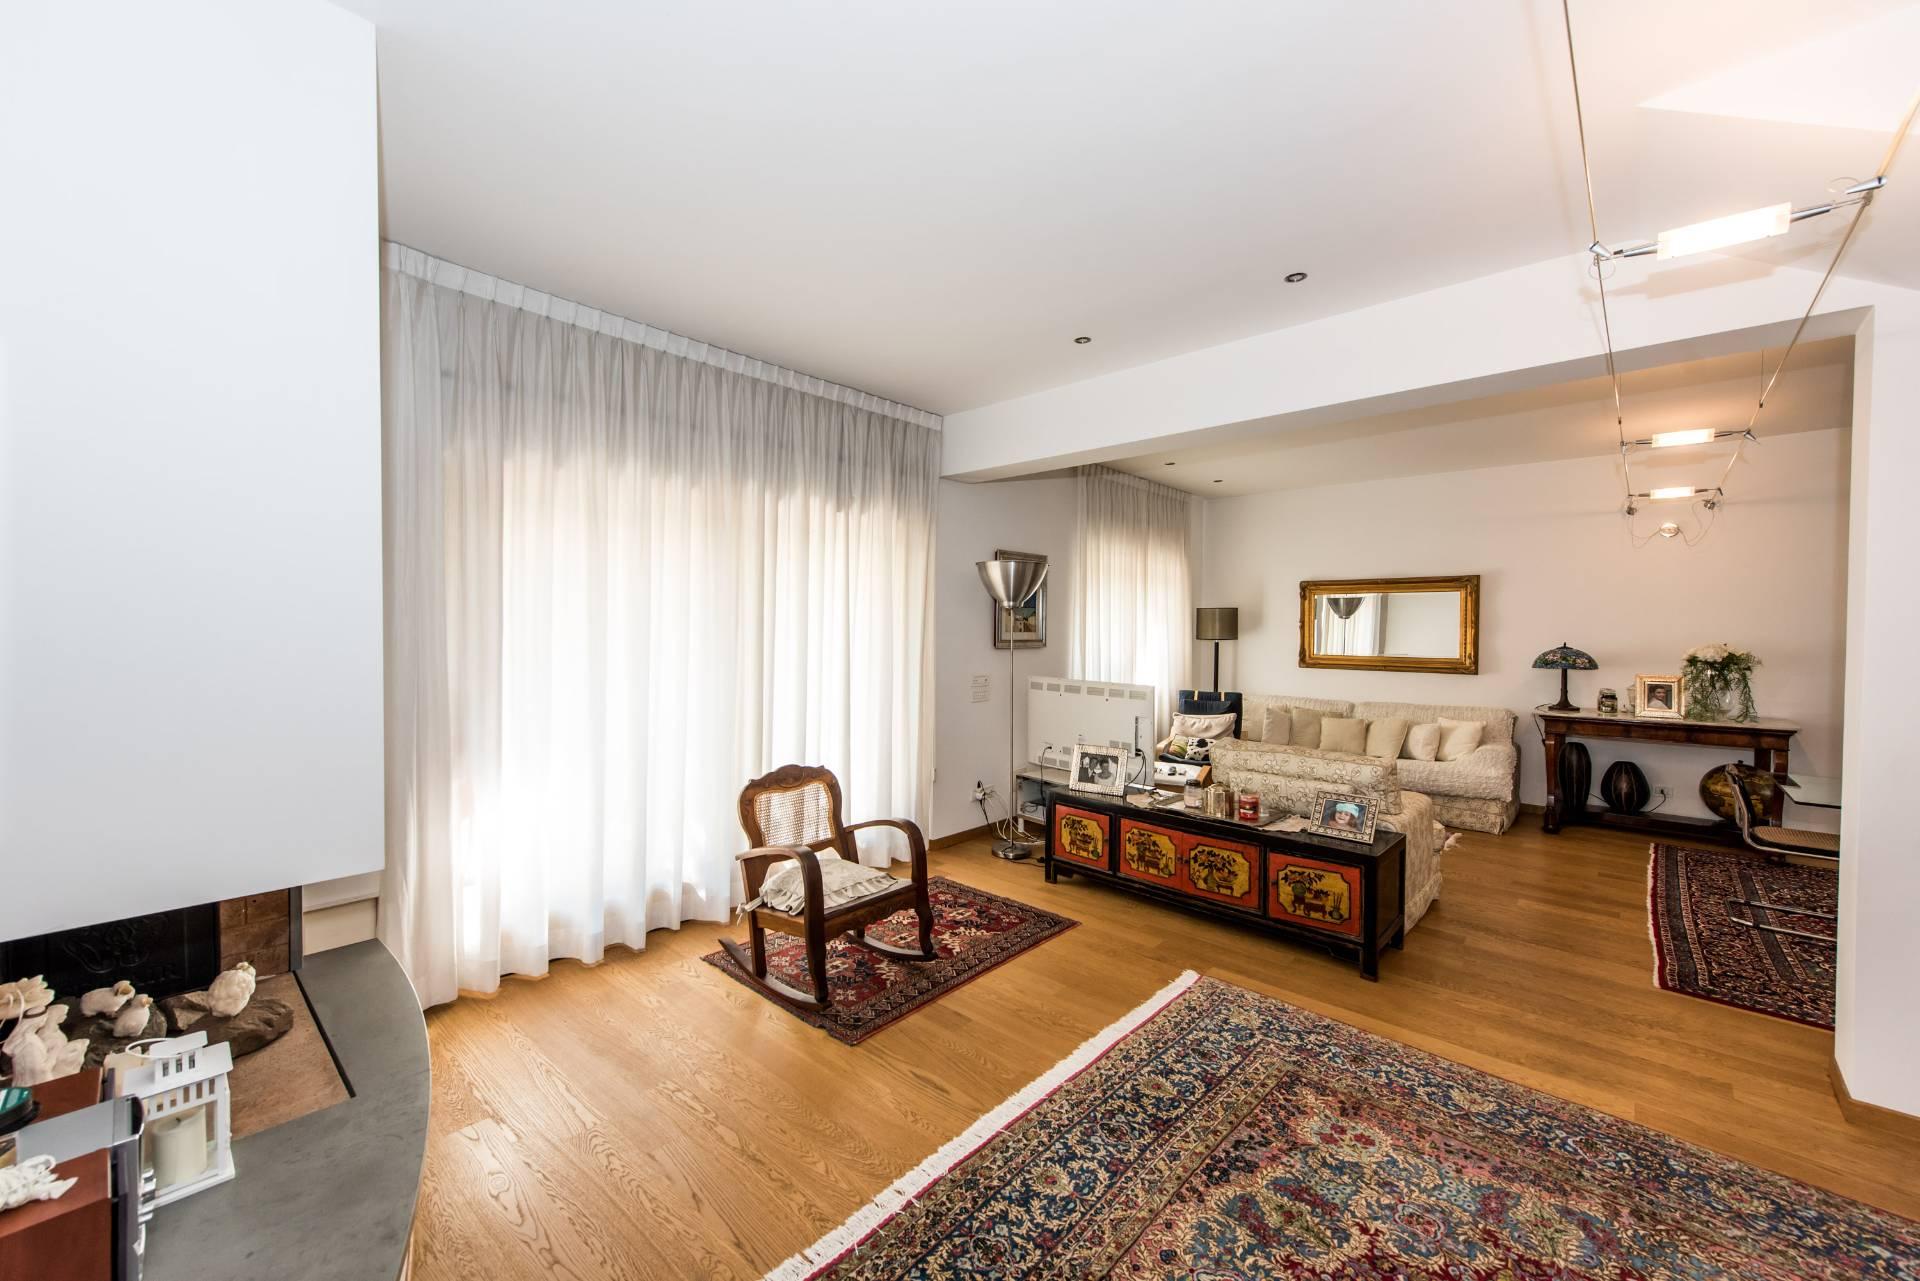 Villa in vendita a Francavilla al Mare, 11 locali, Trattative riservate | CambioCasa.it